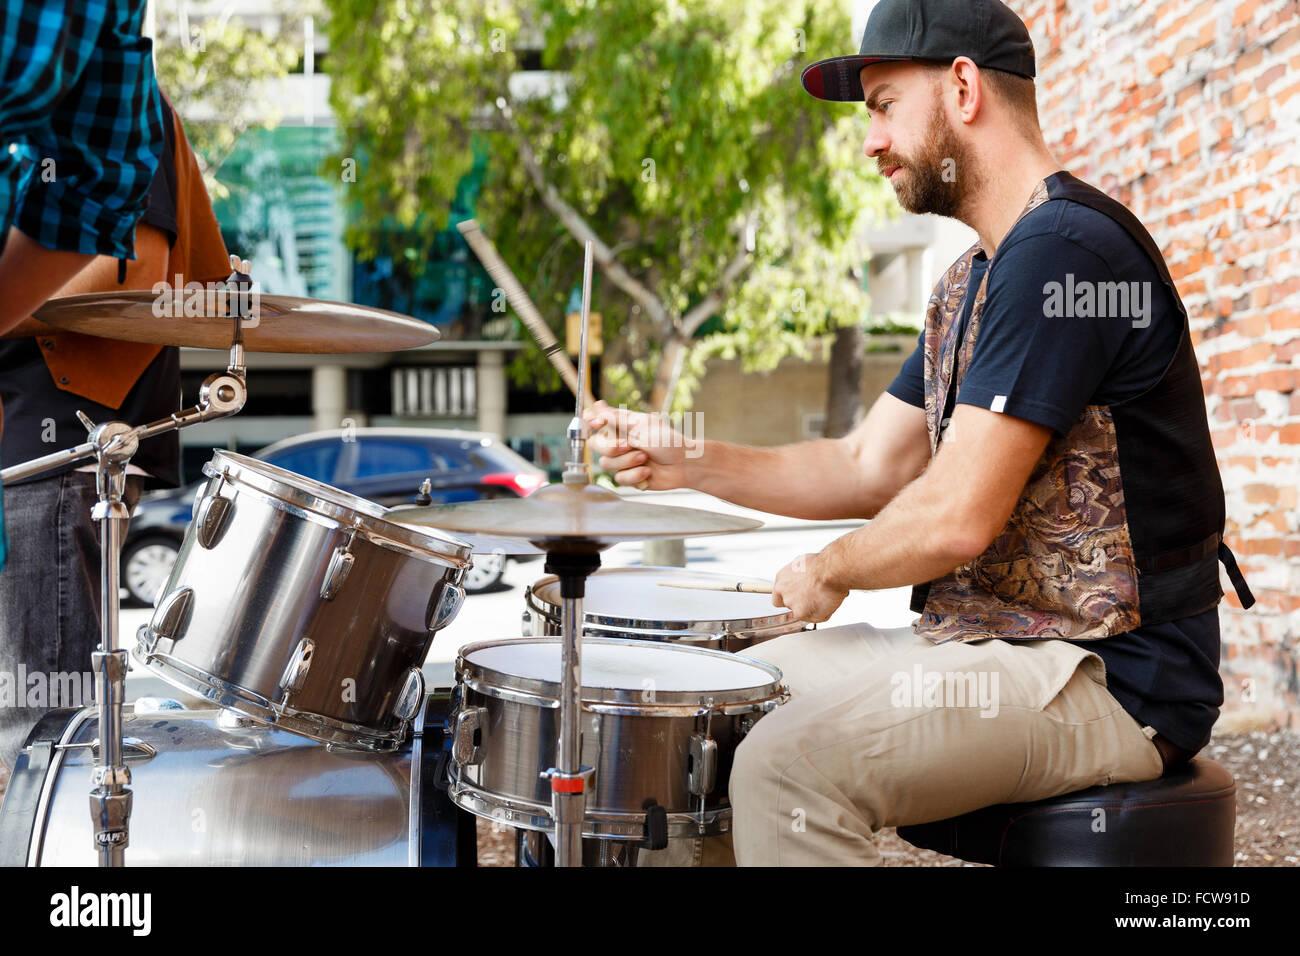 Una strada muscian suonando la batteria Immagini Stock